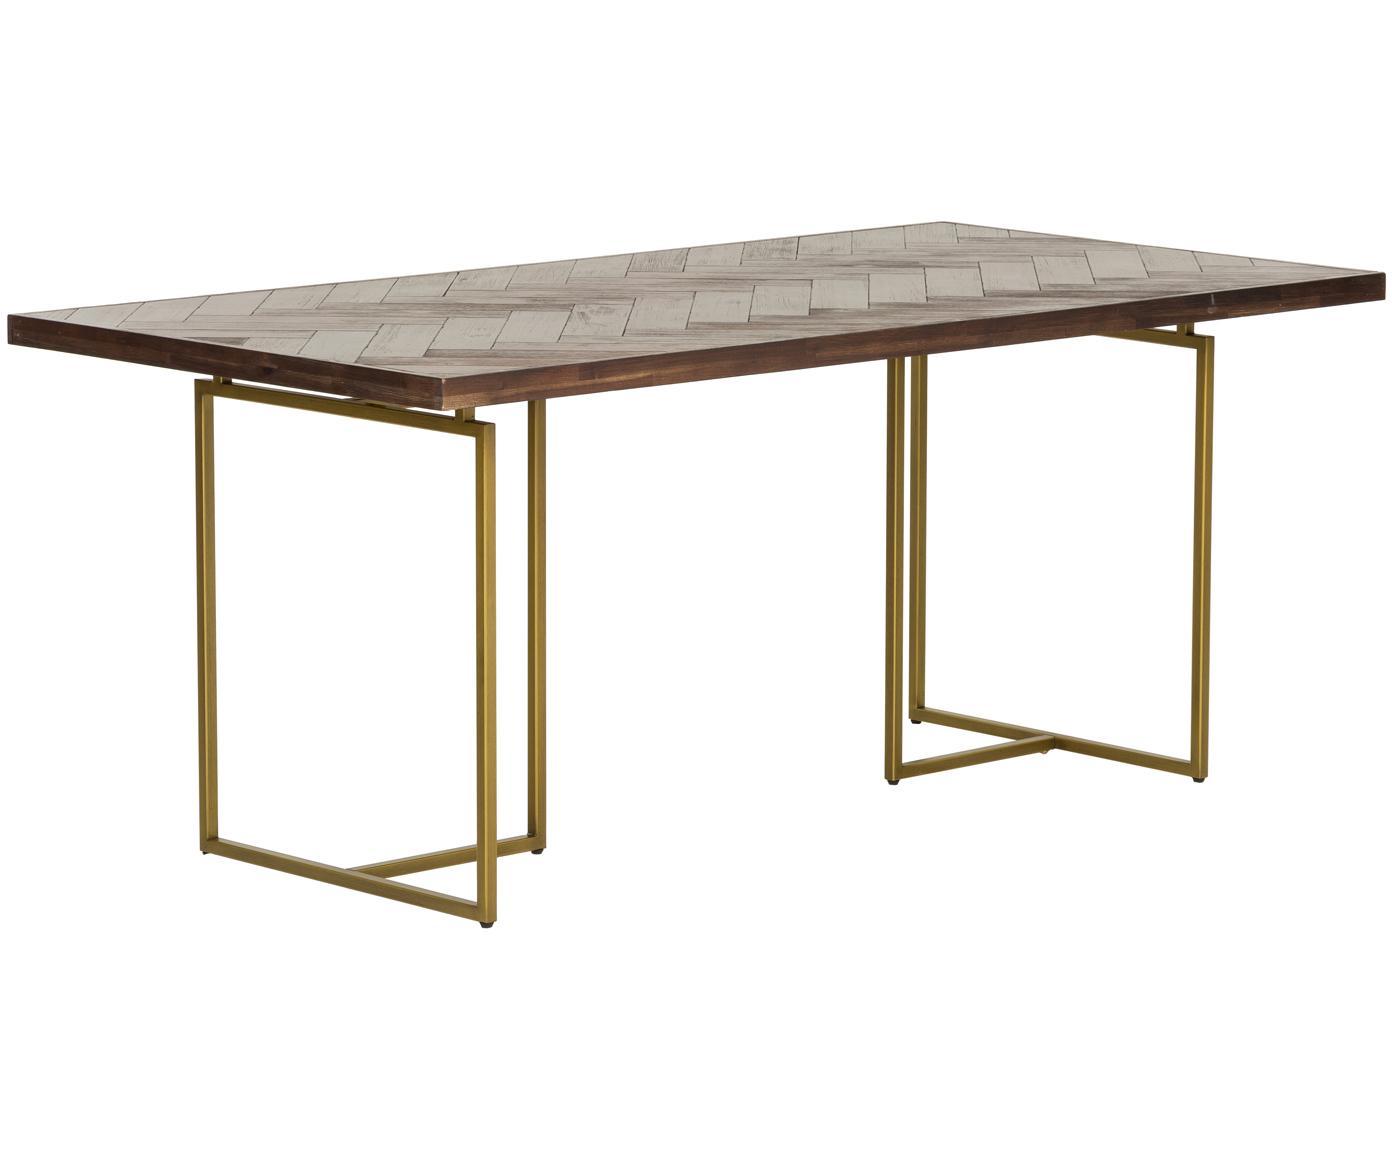 Stół do jadalni w jodełkę Class, Blat: płyta pilśniowa o średnie, Nogi: metal malowany proszkowo, Brązowy, S 180 x G 90 cm